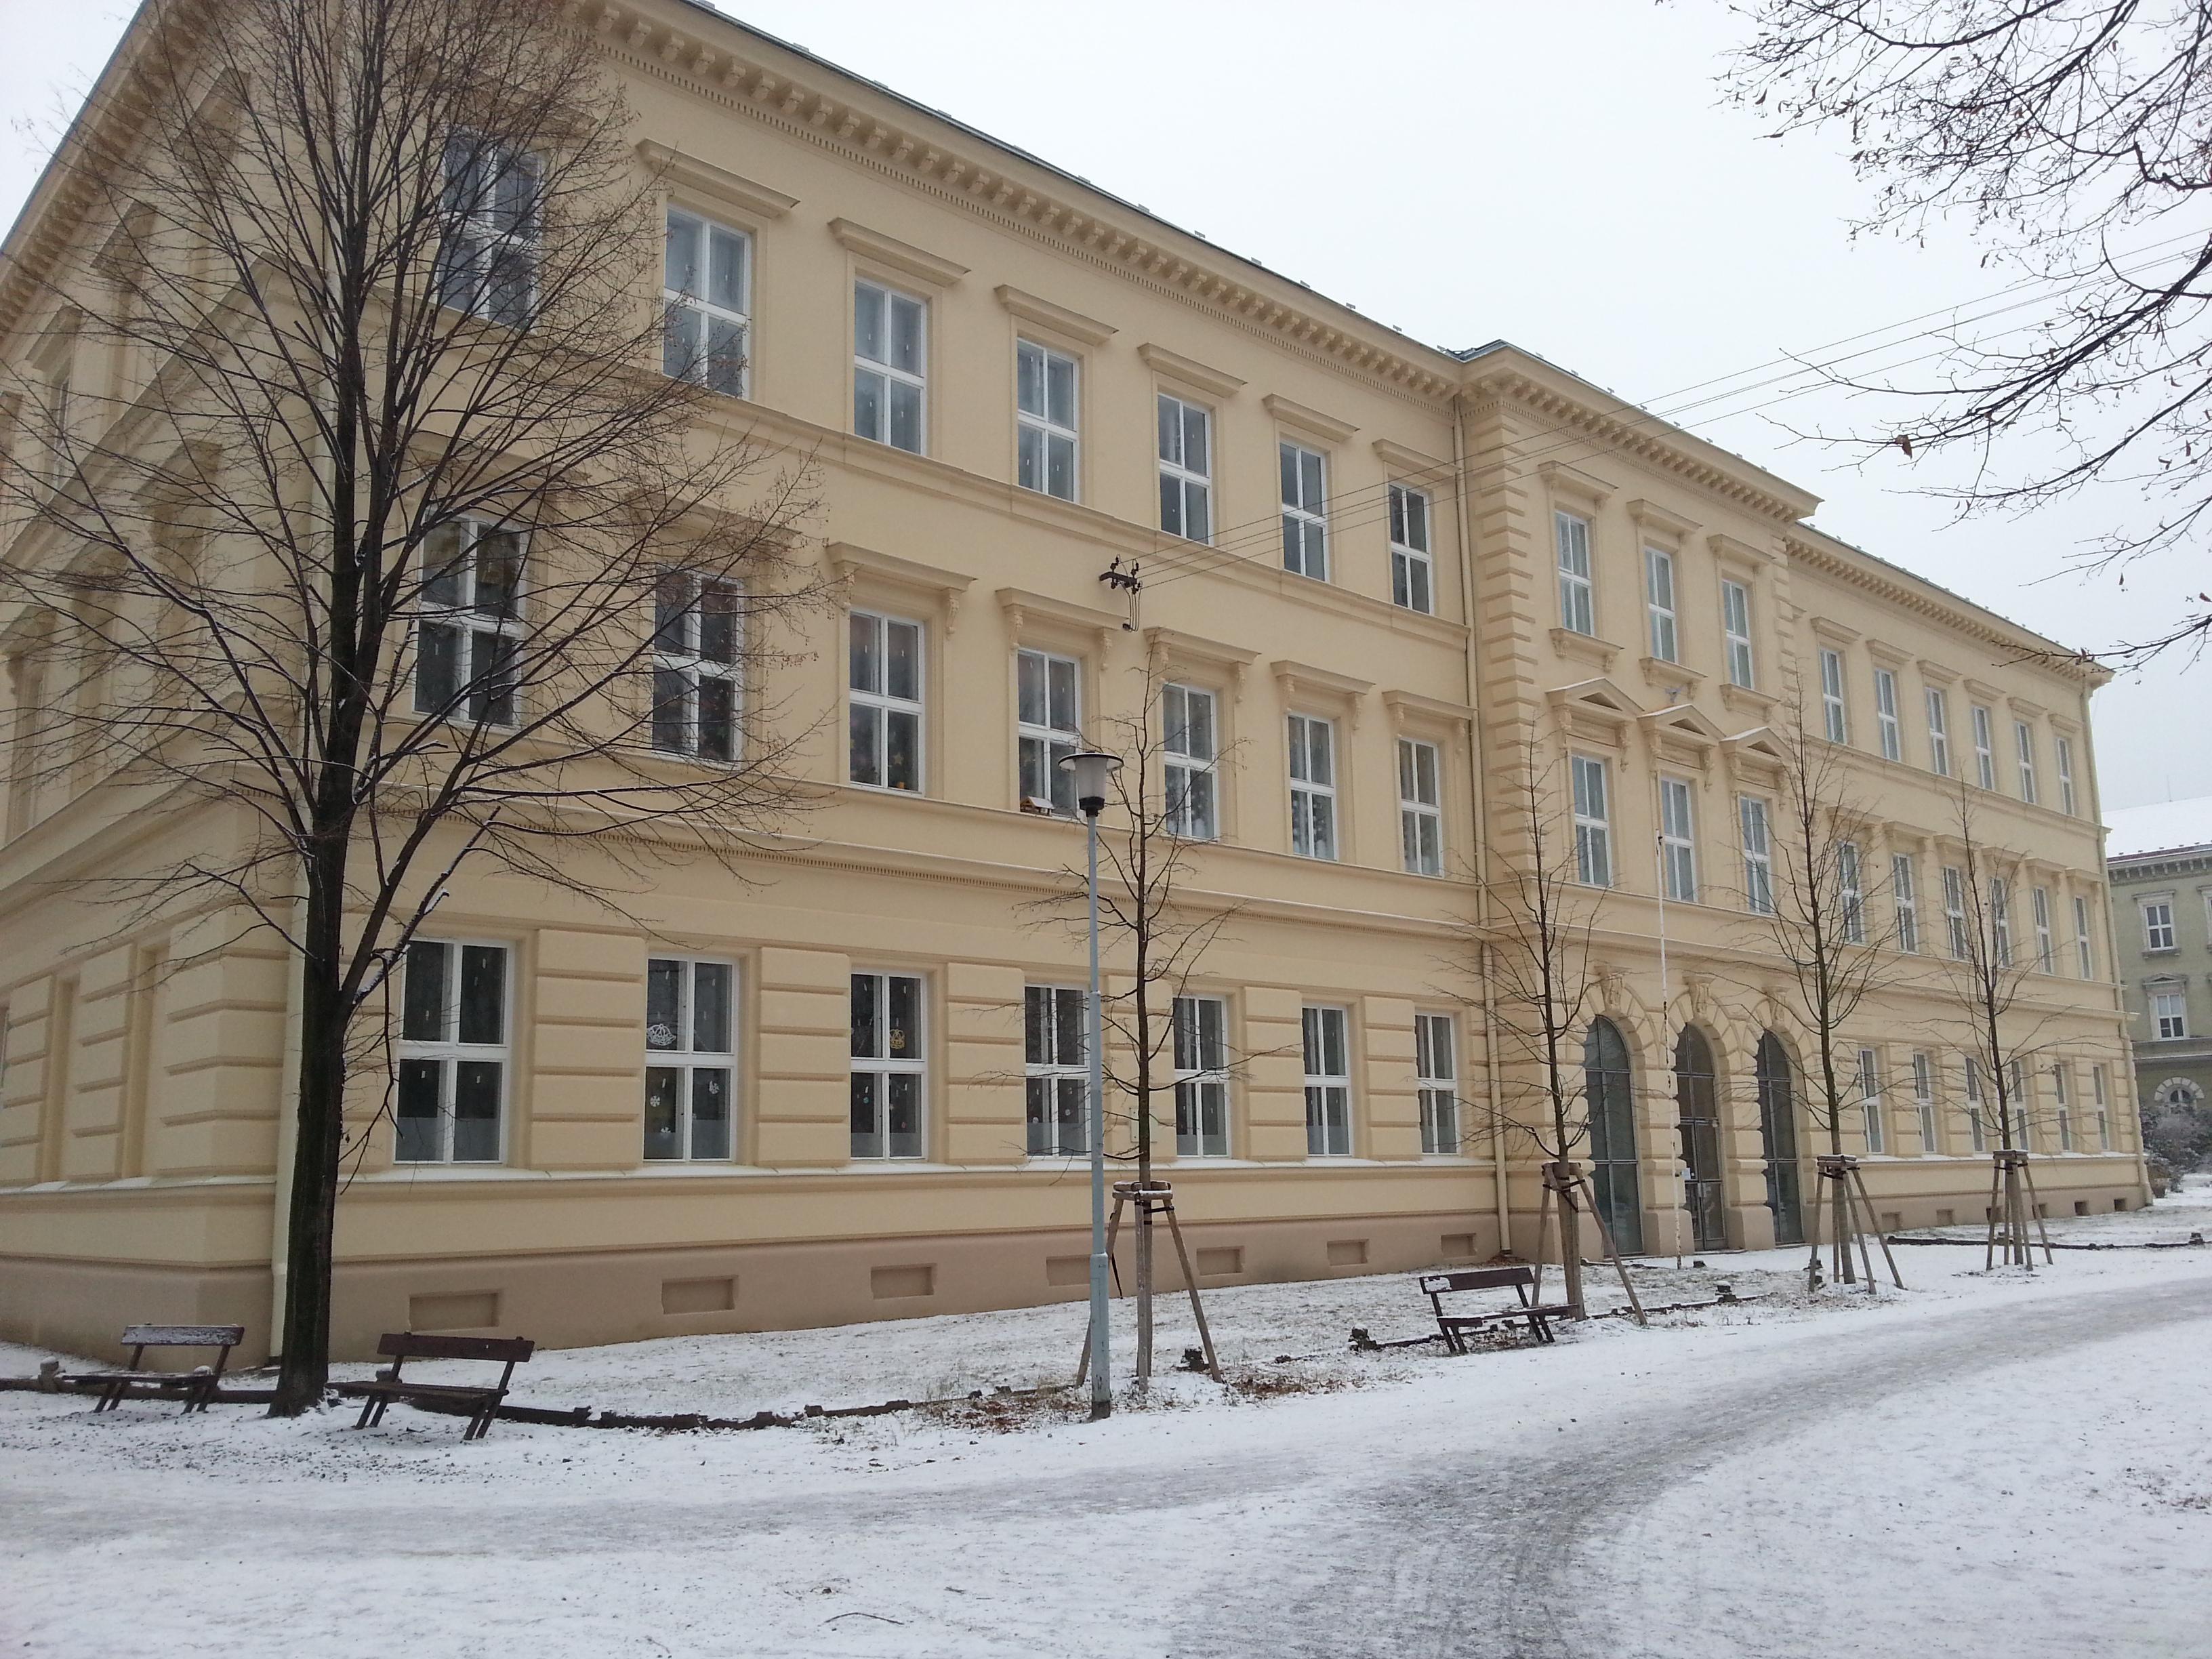 My primary school